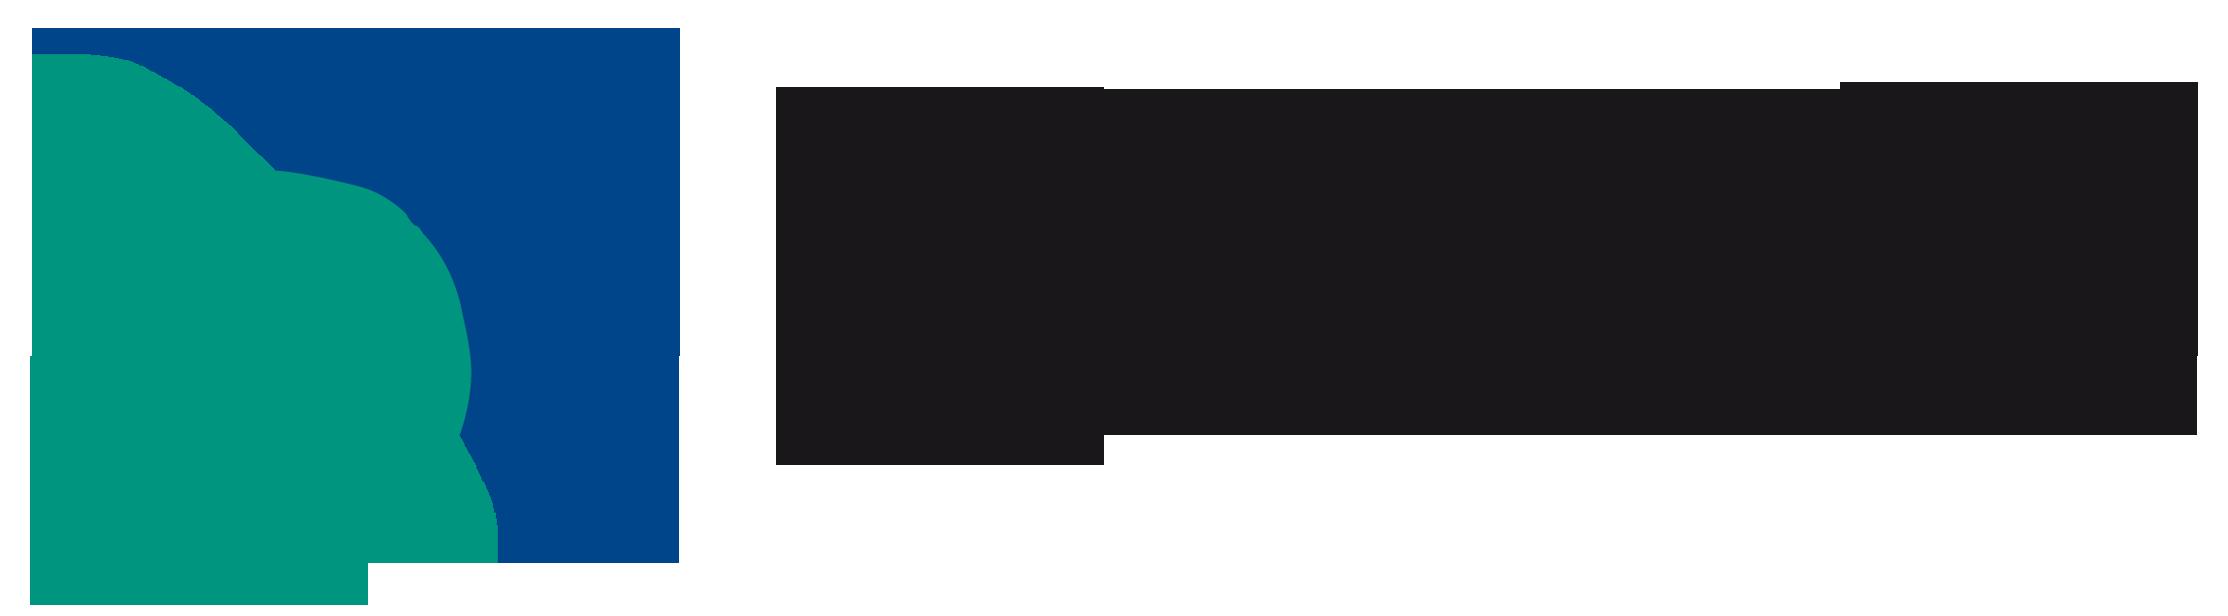 Parc Taulí Neuroscience - UAB